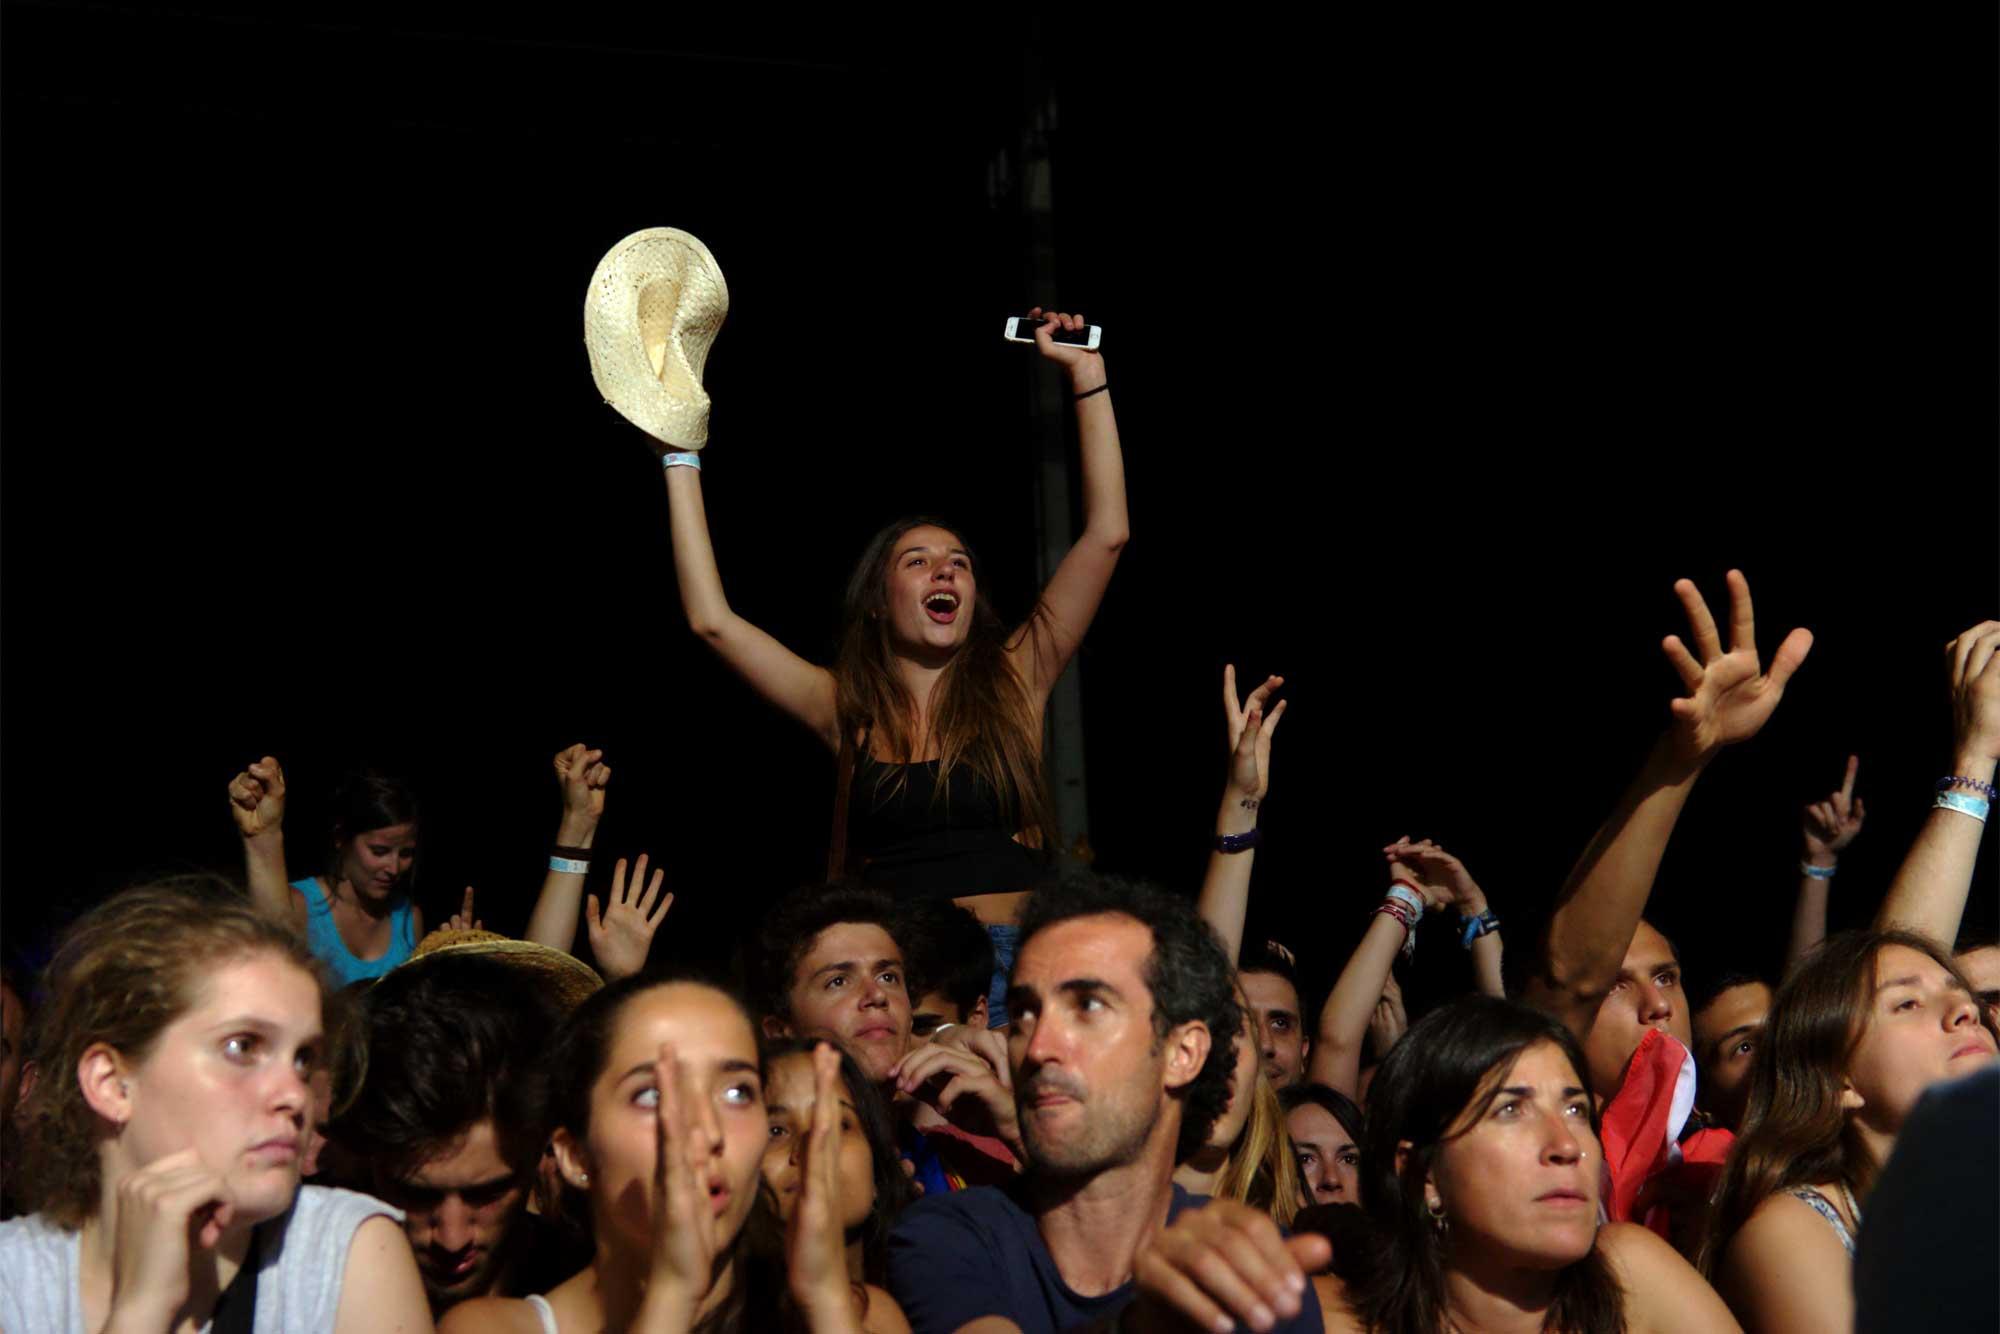 El públic embogeix durant l'actuació del grup valencià Aspencat al Canet Rock 2016